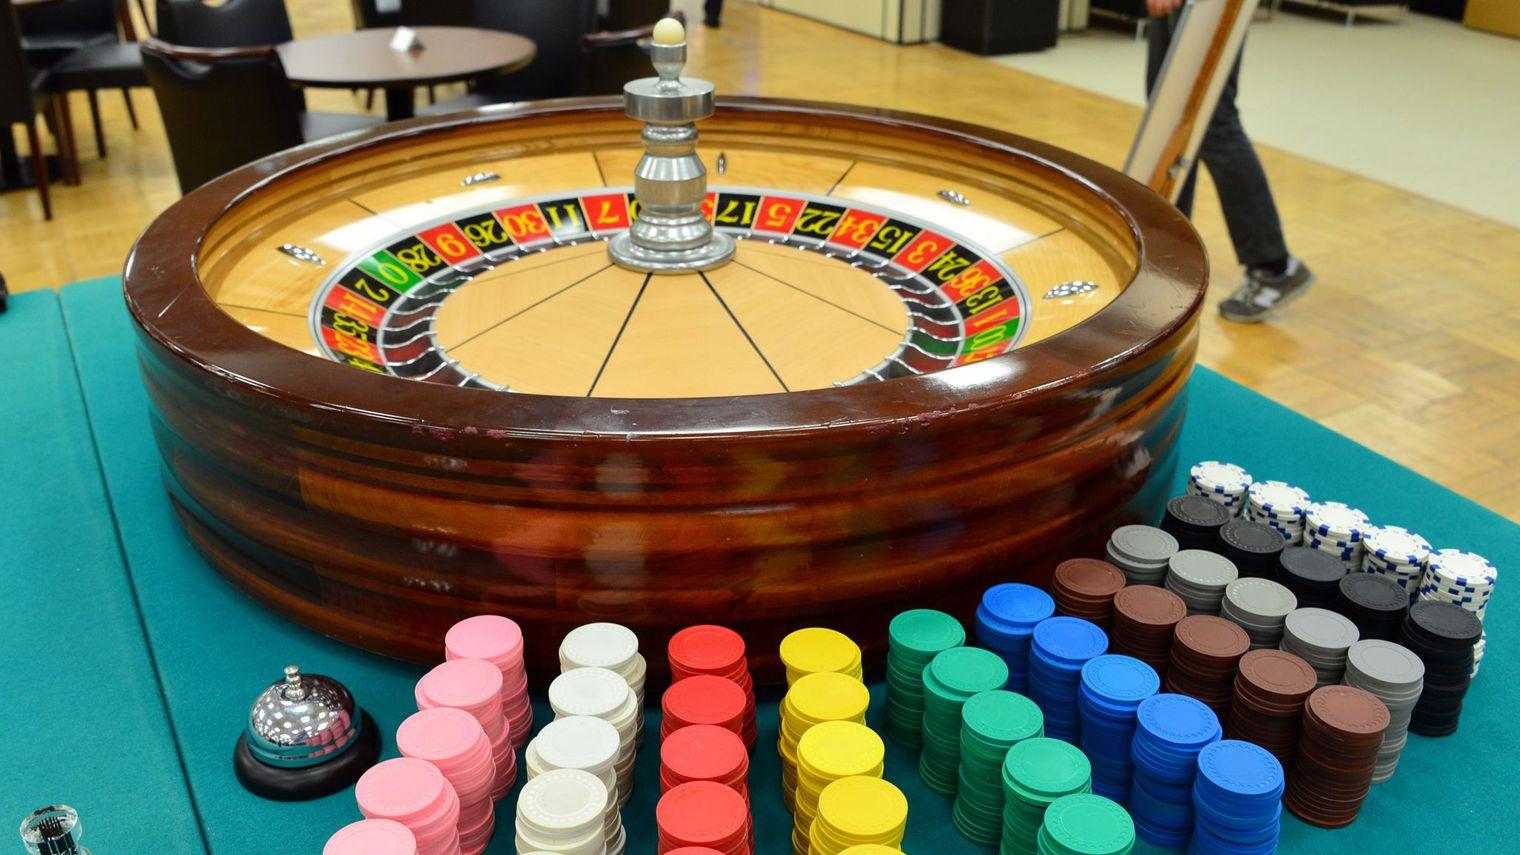 Jeux casino sur mobile: jouer en toute quiétude